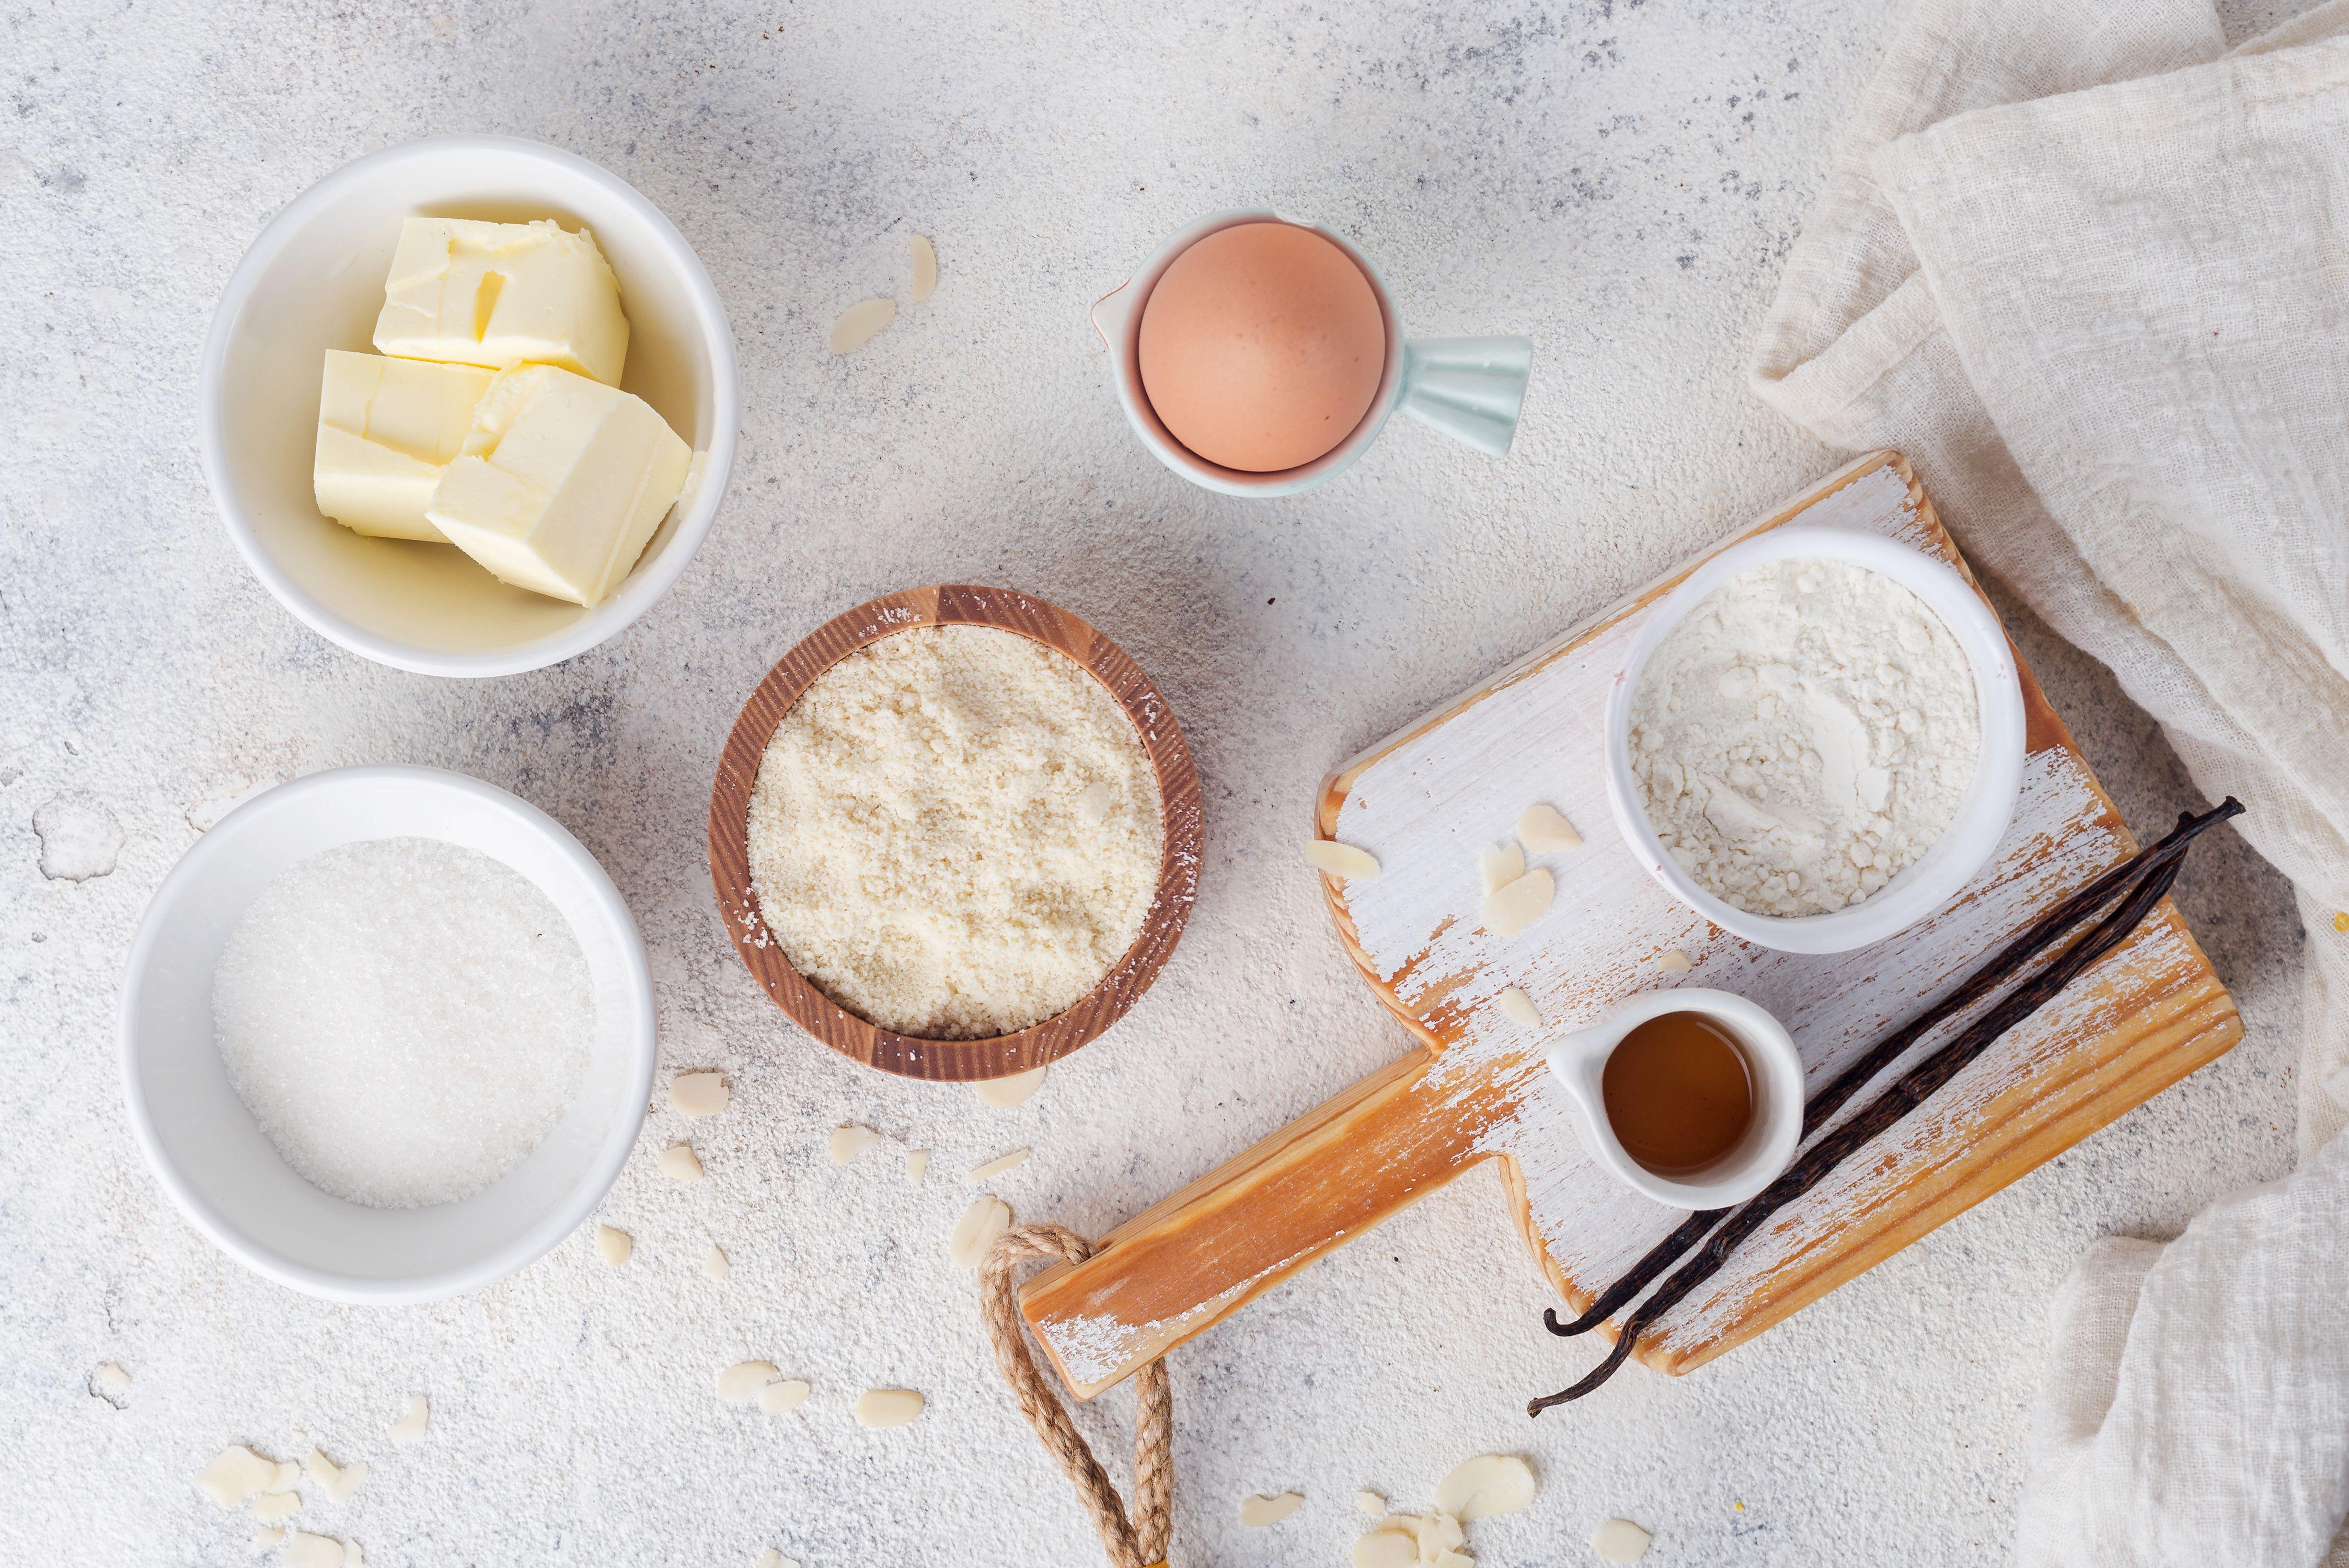 Frangipane ingredients